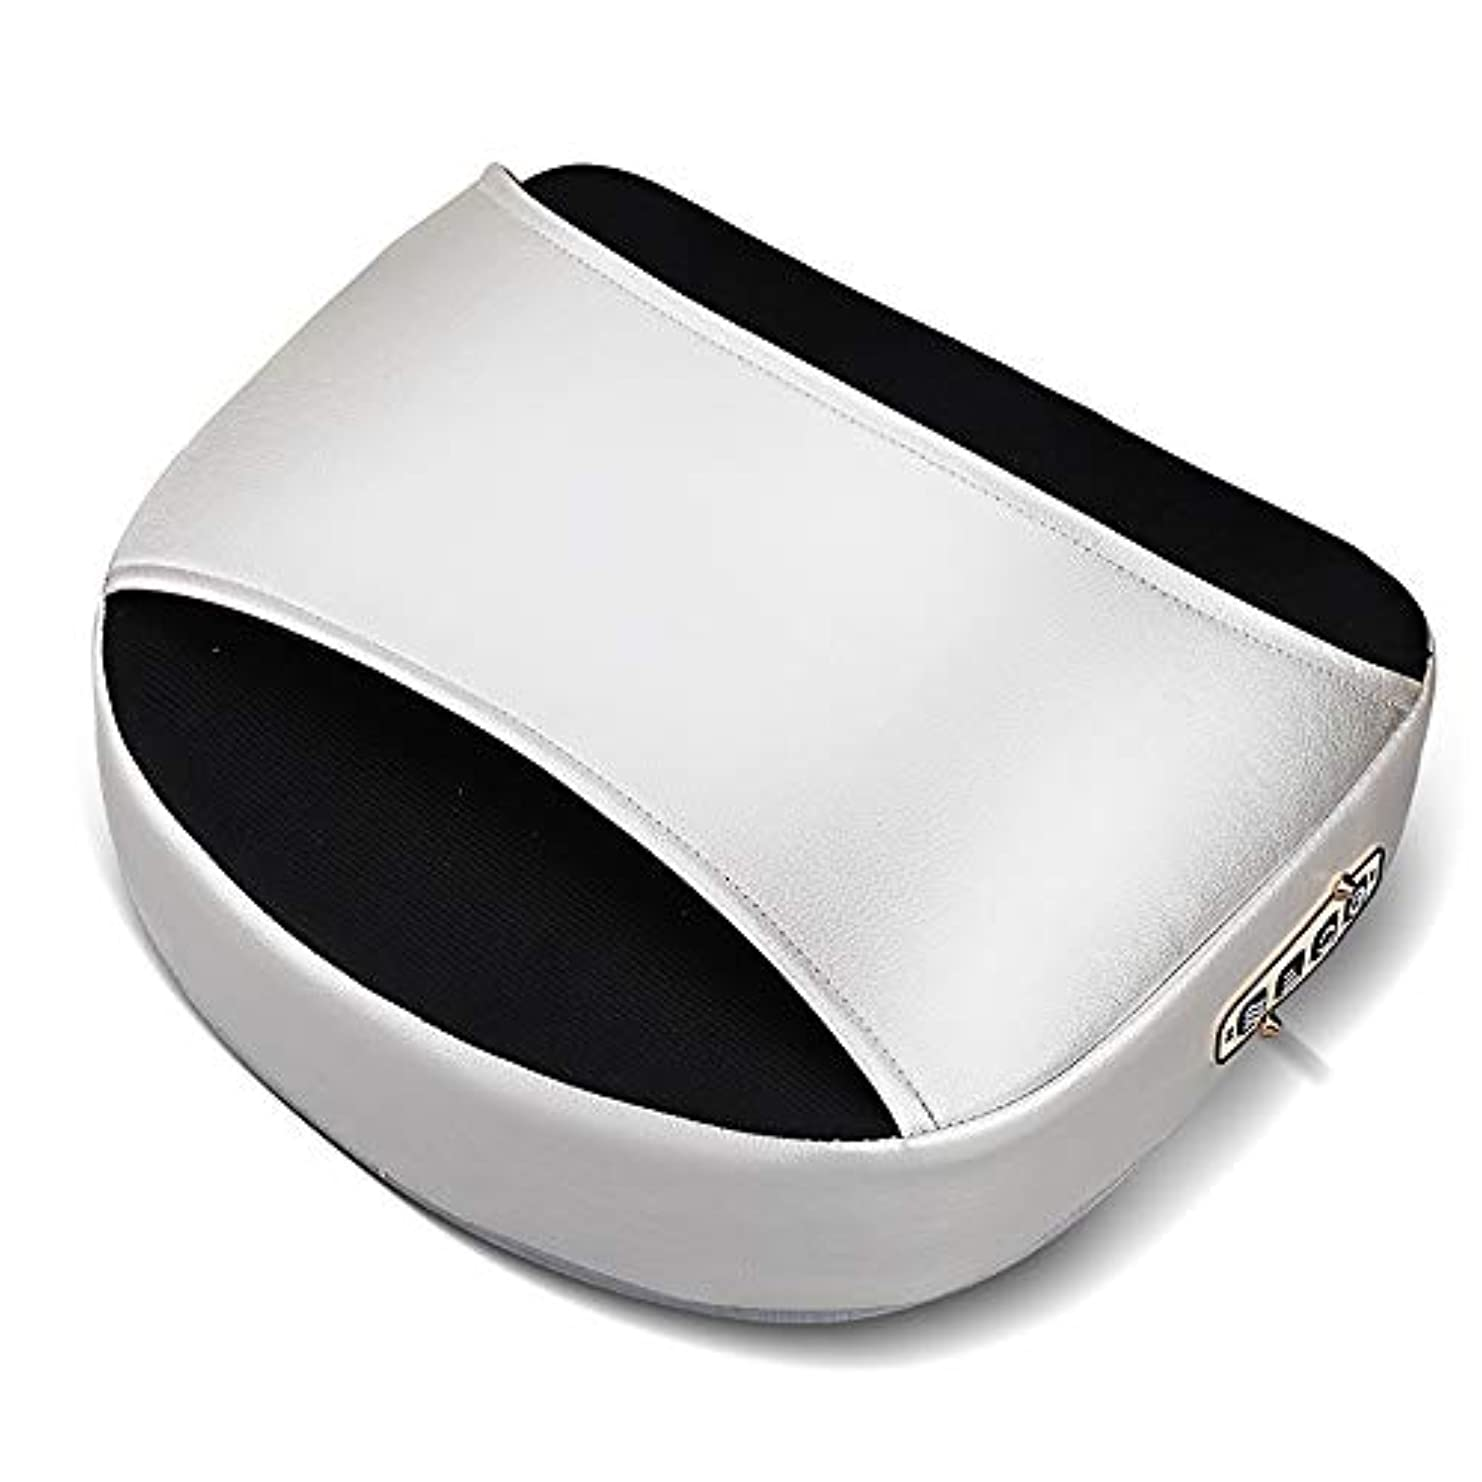 理論故国暗唱するフットマッサージャー、電気パルスフットマッサージャーフットマッサージペディキュアマシンフットペディキュア器具フットヒーティングマッサージャーで疲労を軽減,Halfpack